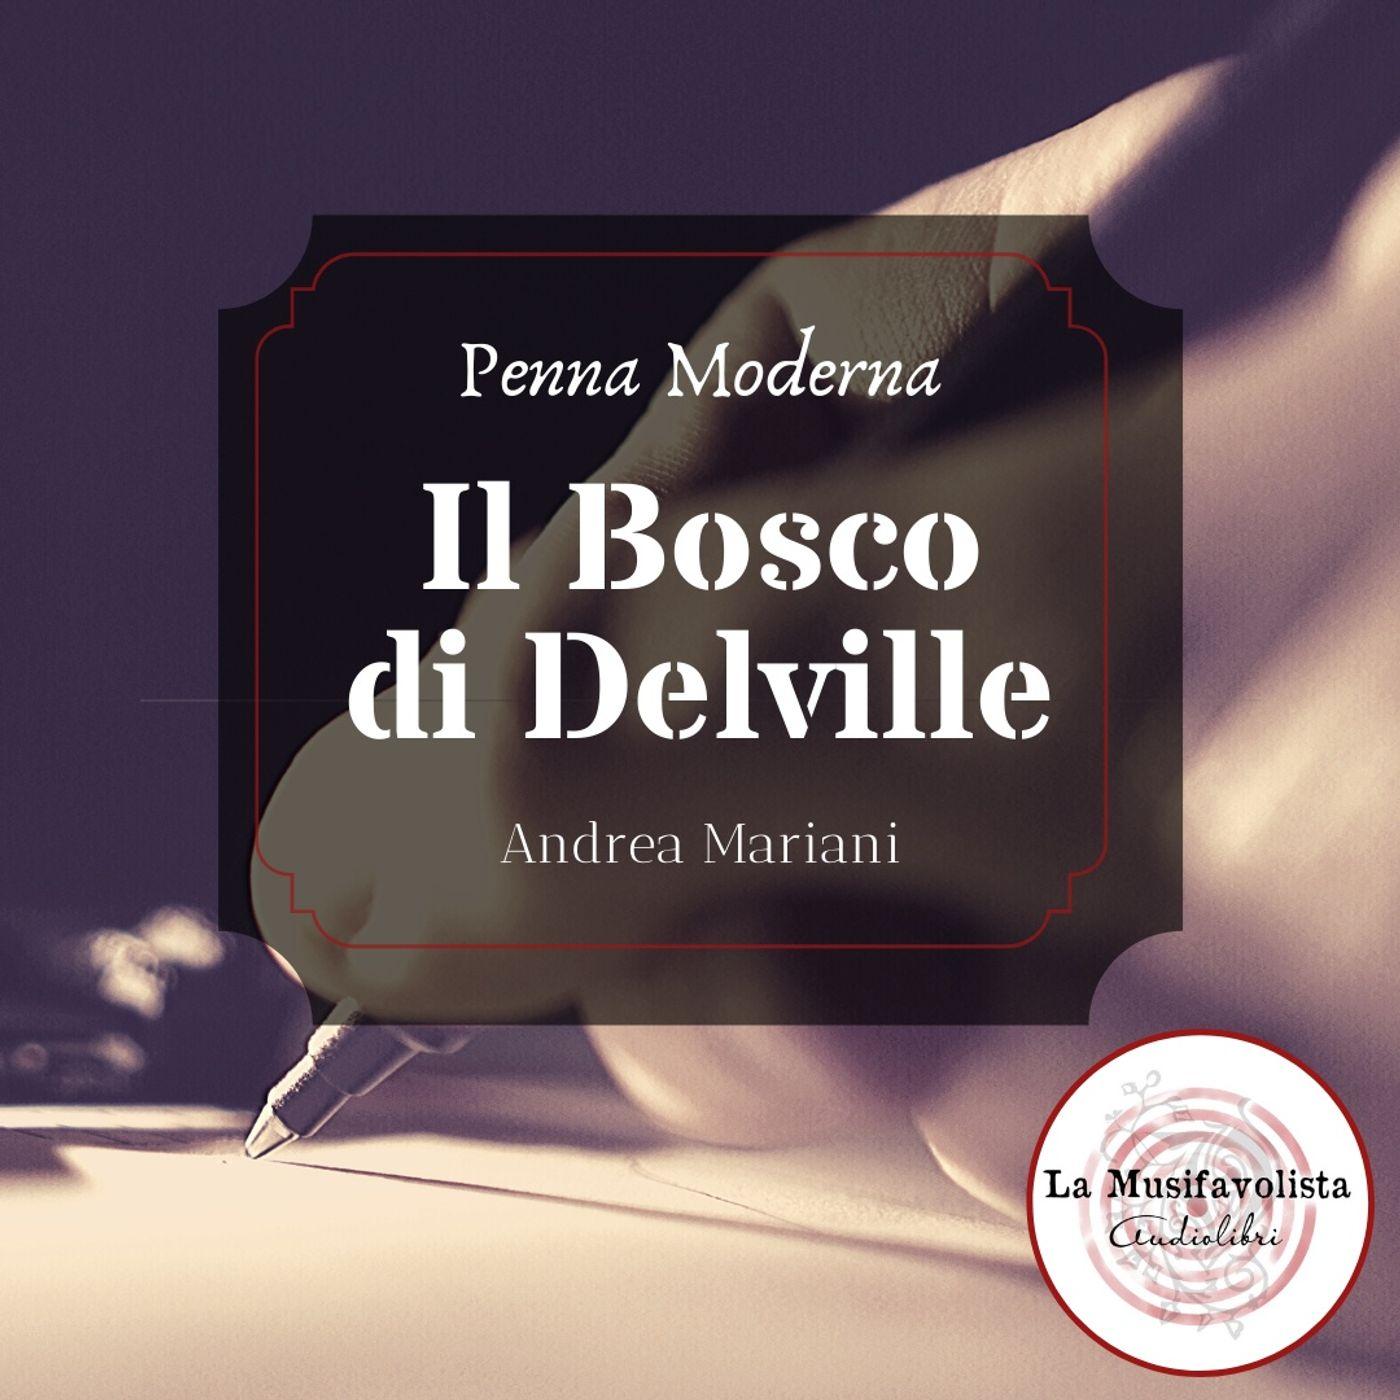 ✍ Il Bosco di Delville di Andrea Mariani ✎ PENNA MODERNA ✐